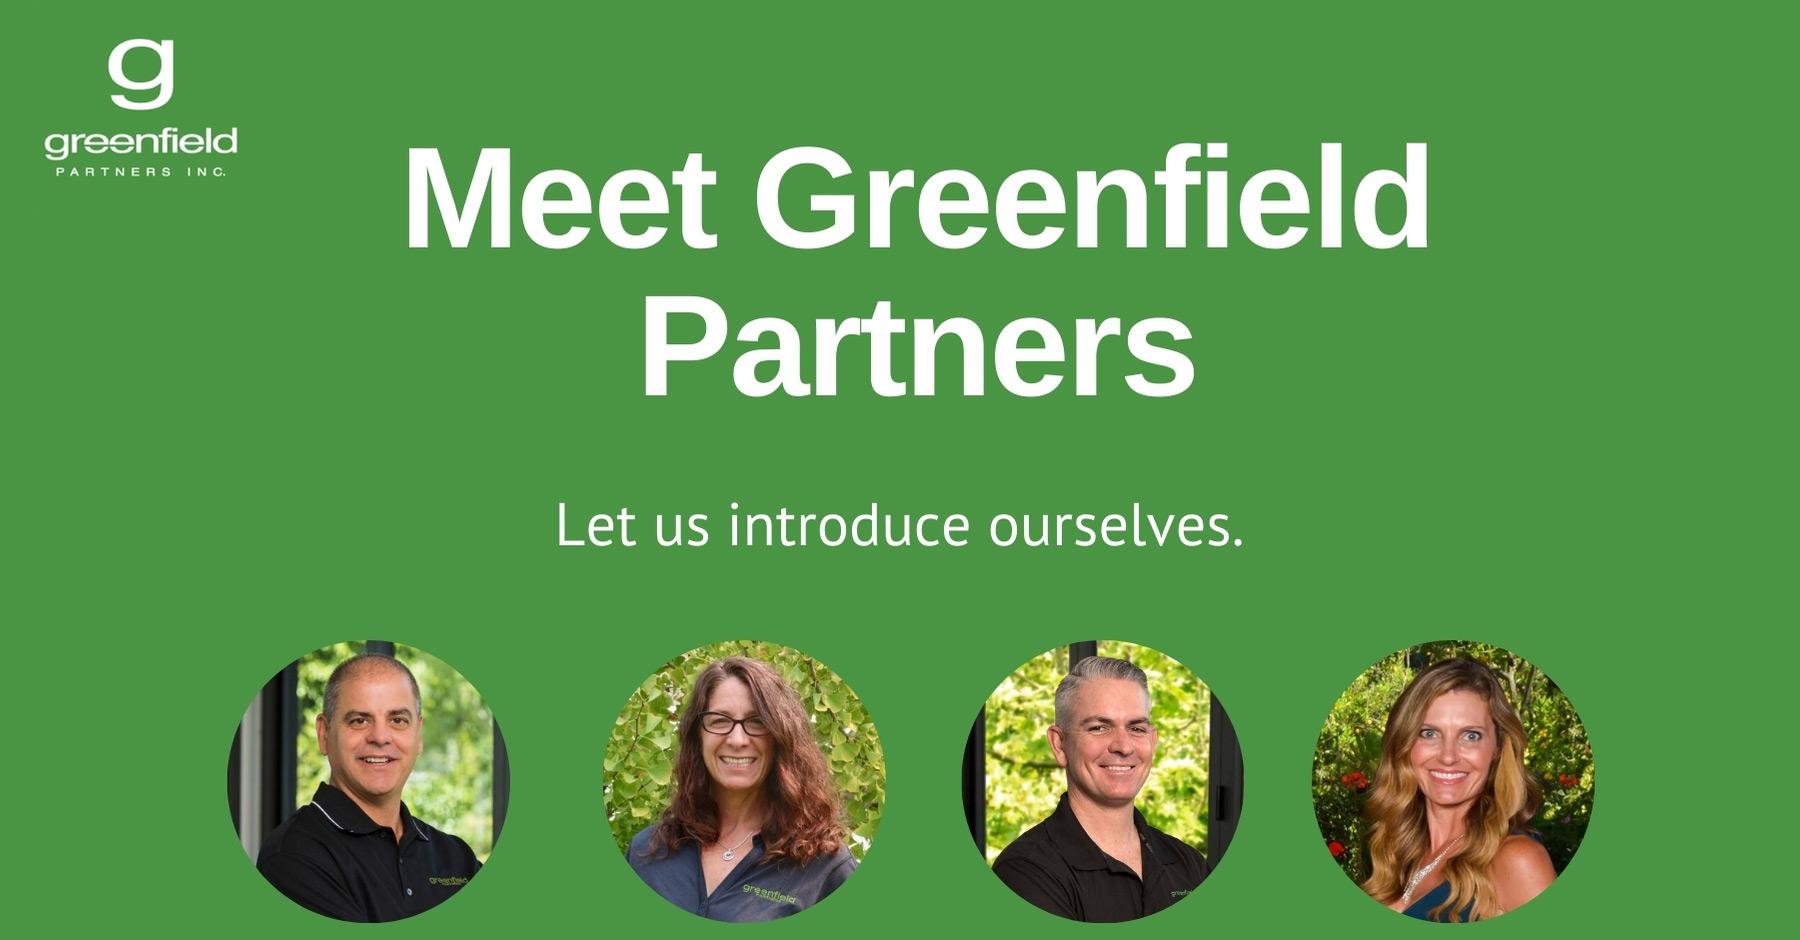 Meet Greenfield Partners